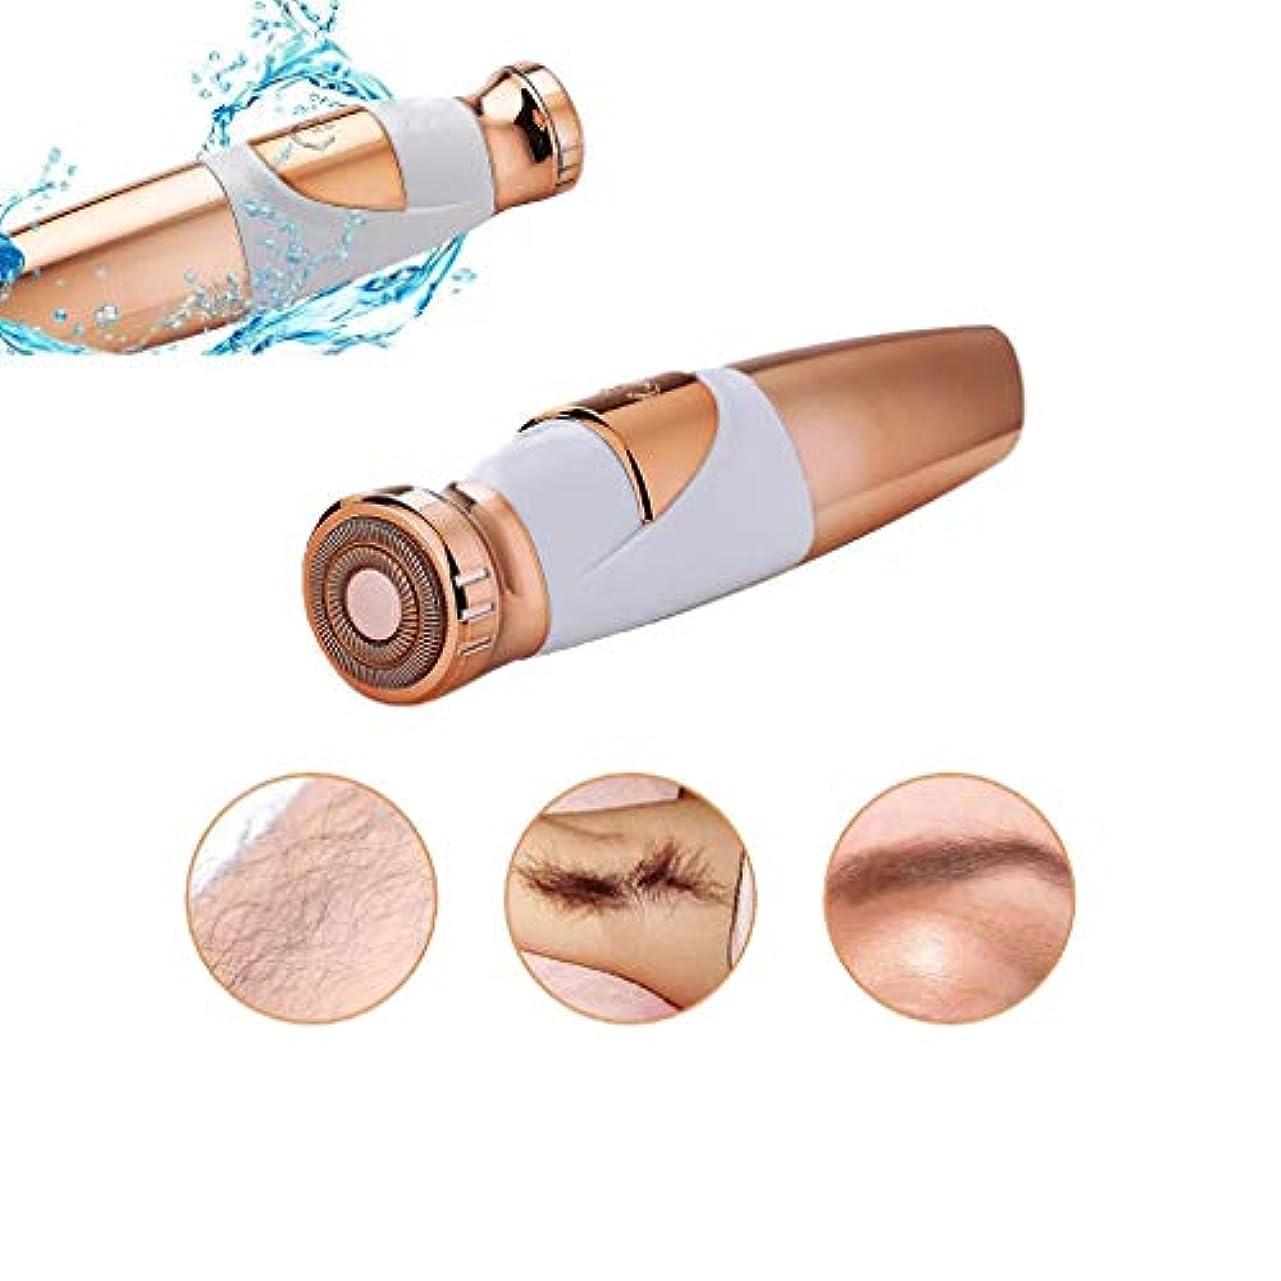 突然のローラーしつけ脱毛器脱毛用女性の脱毛器具眉毛、脇の下、脚の毛髪などに適しています。,Gold